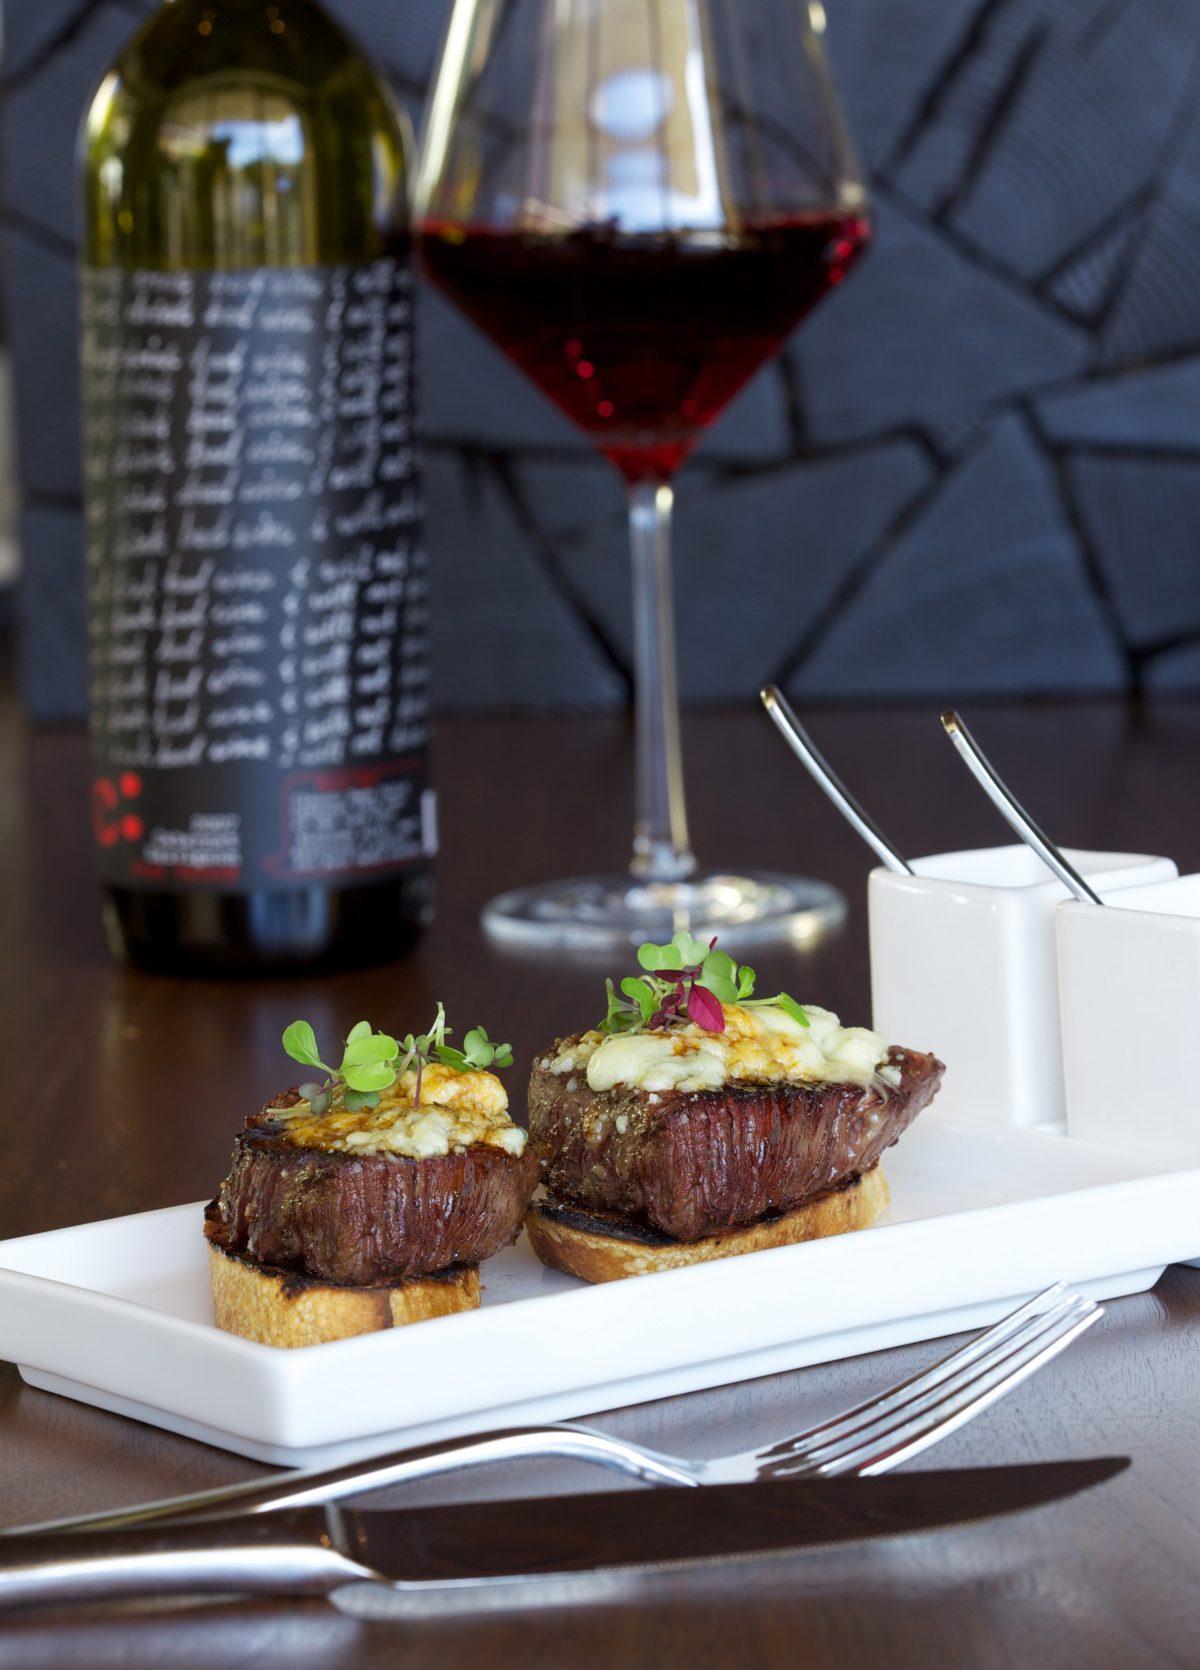 red wine and steak bruschetta